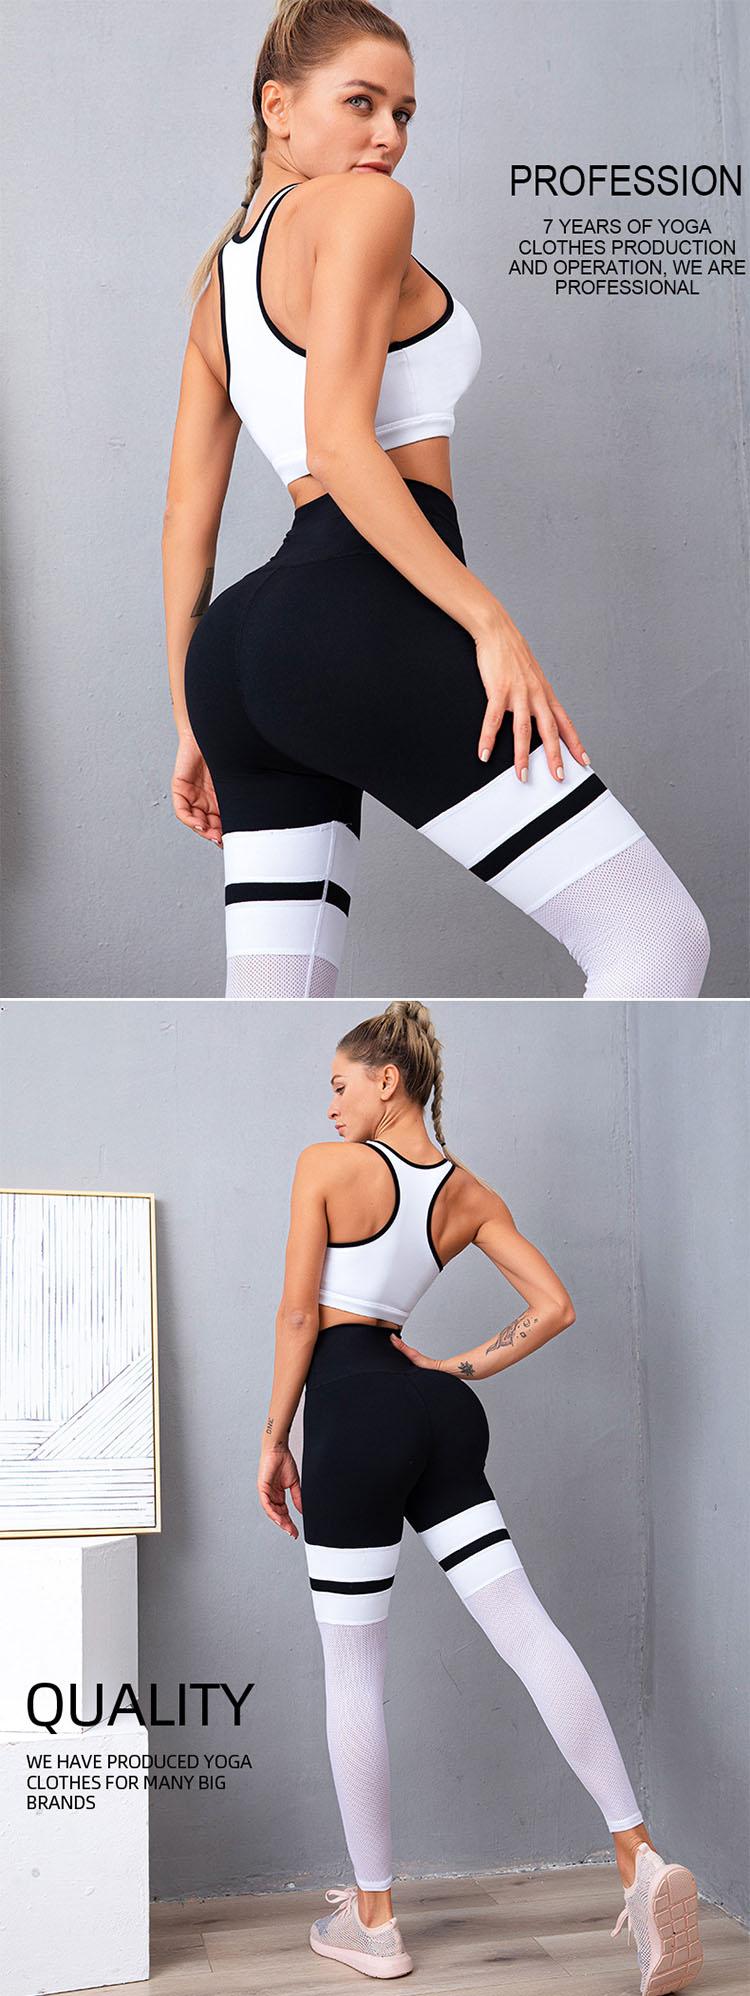 The shoulder strap design focuses on highlighting the back line